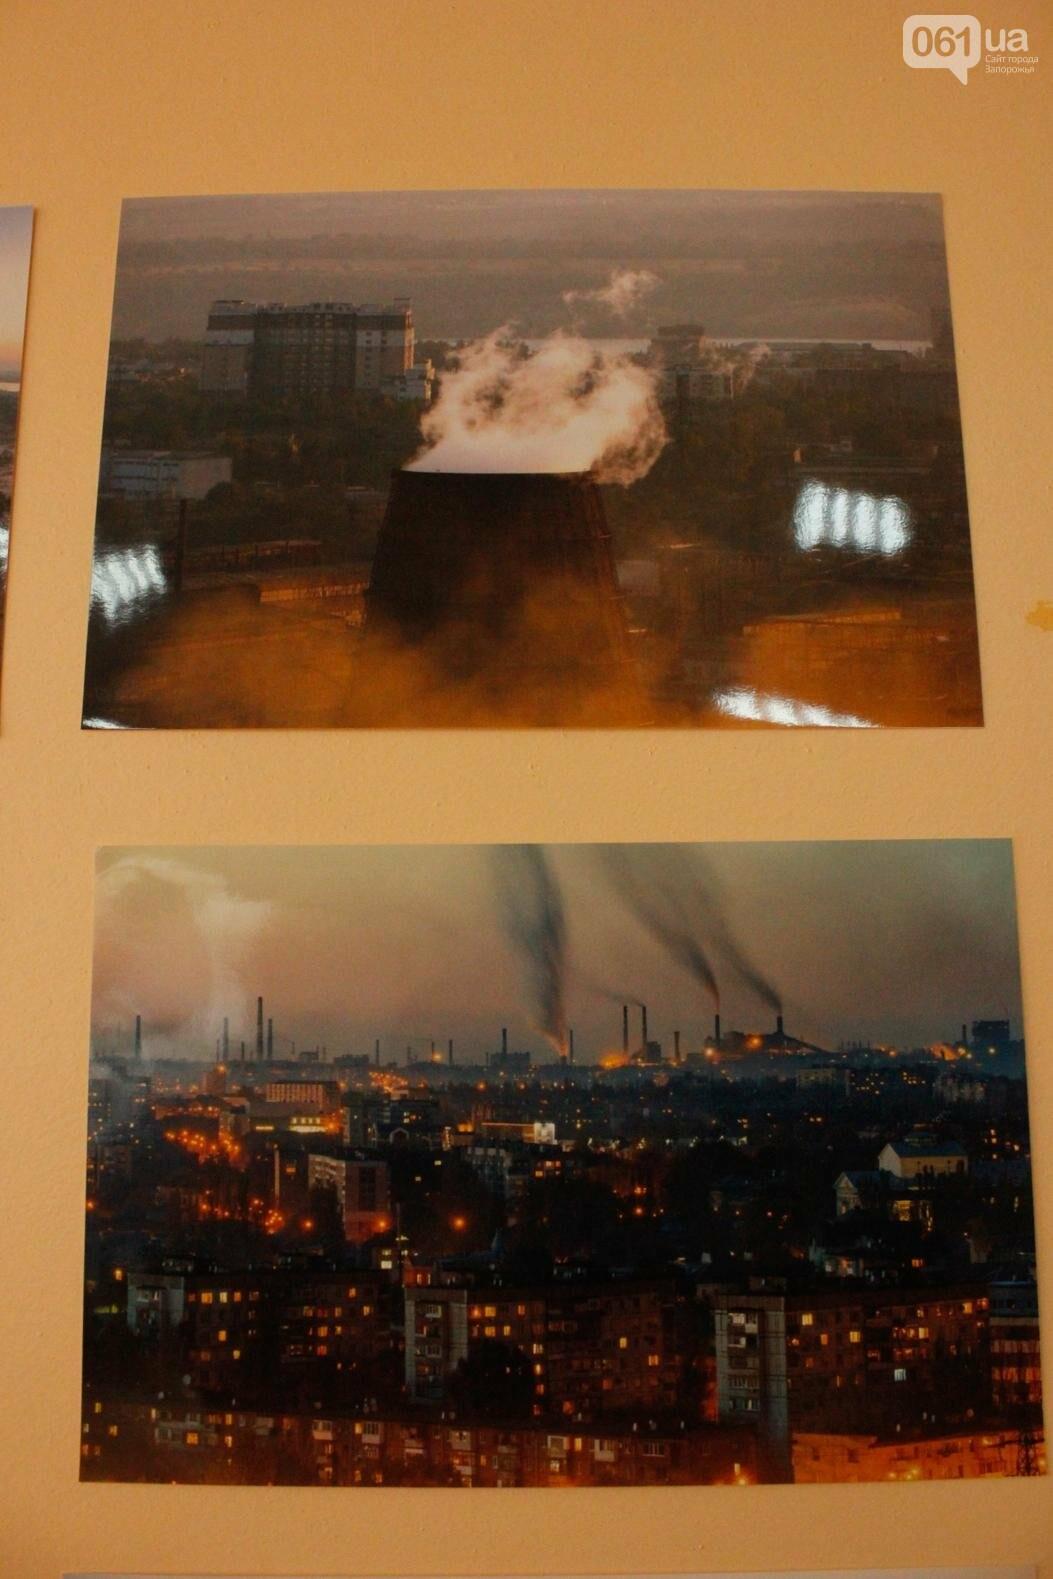 """Организаторы фотовыставки """"Экоцид по-запорожски"""" планируют провести её за границей, - ФОТОРЕПОРТАЖ, фото-20"""